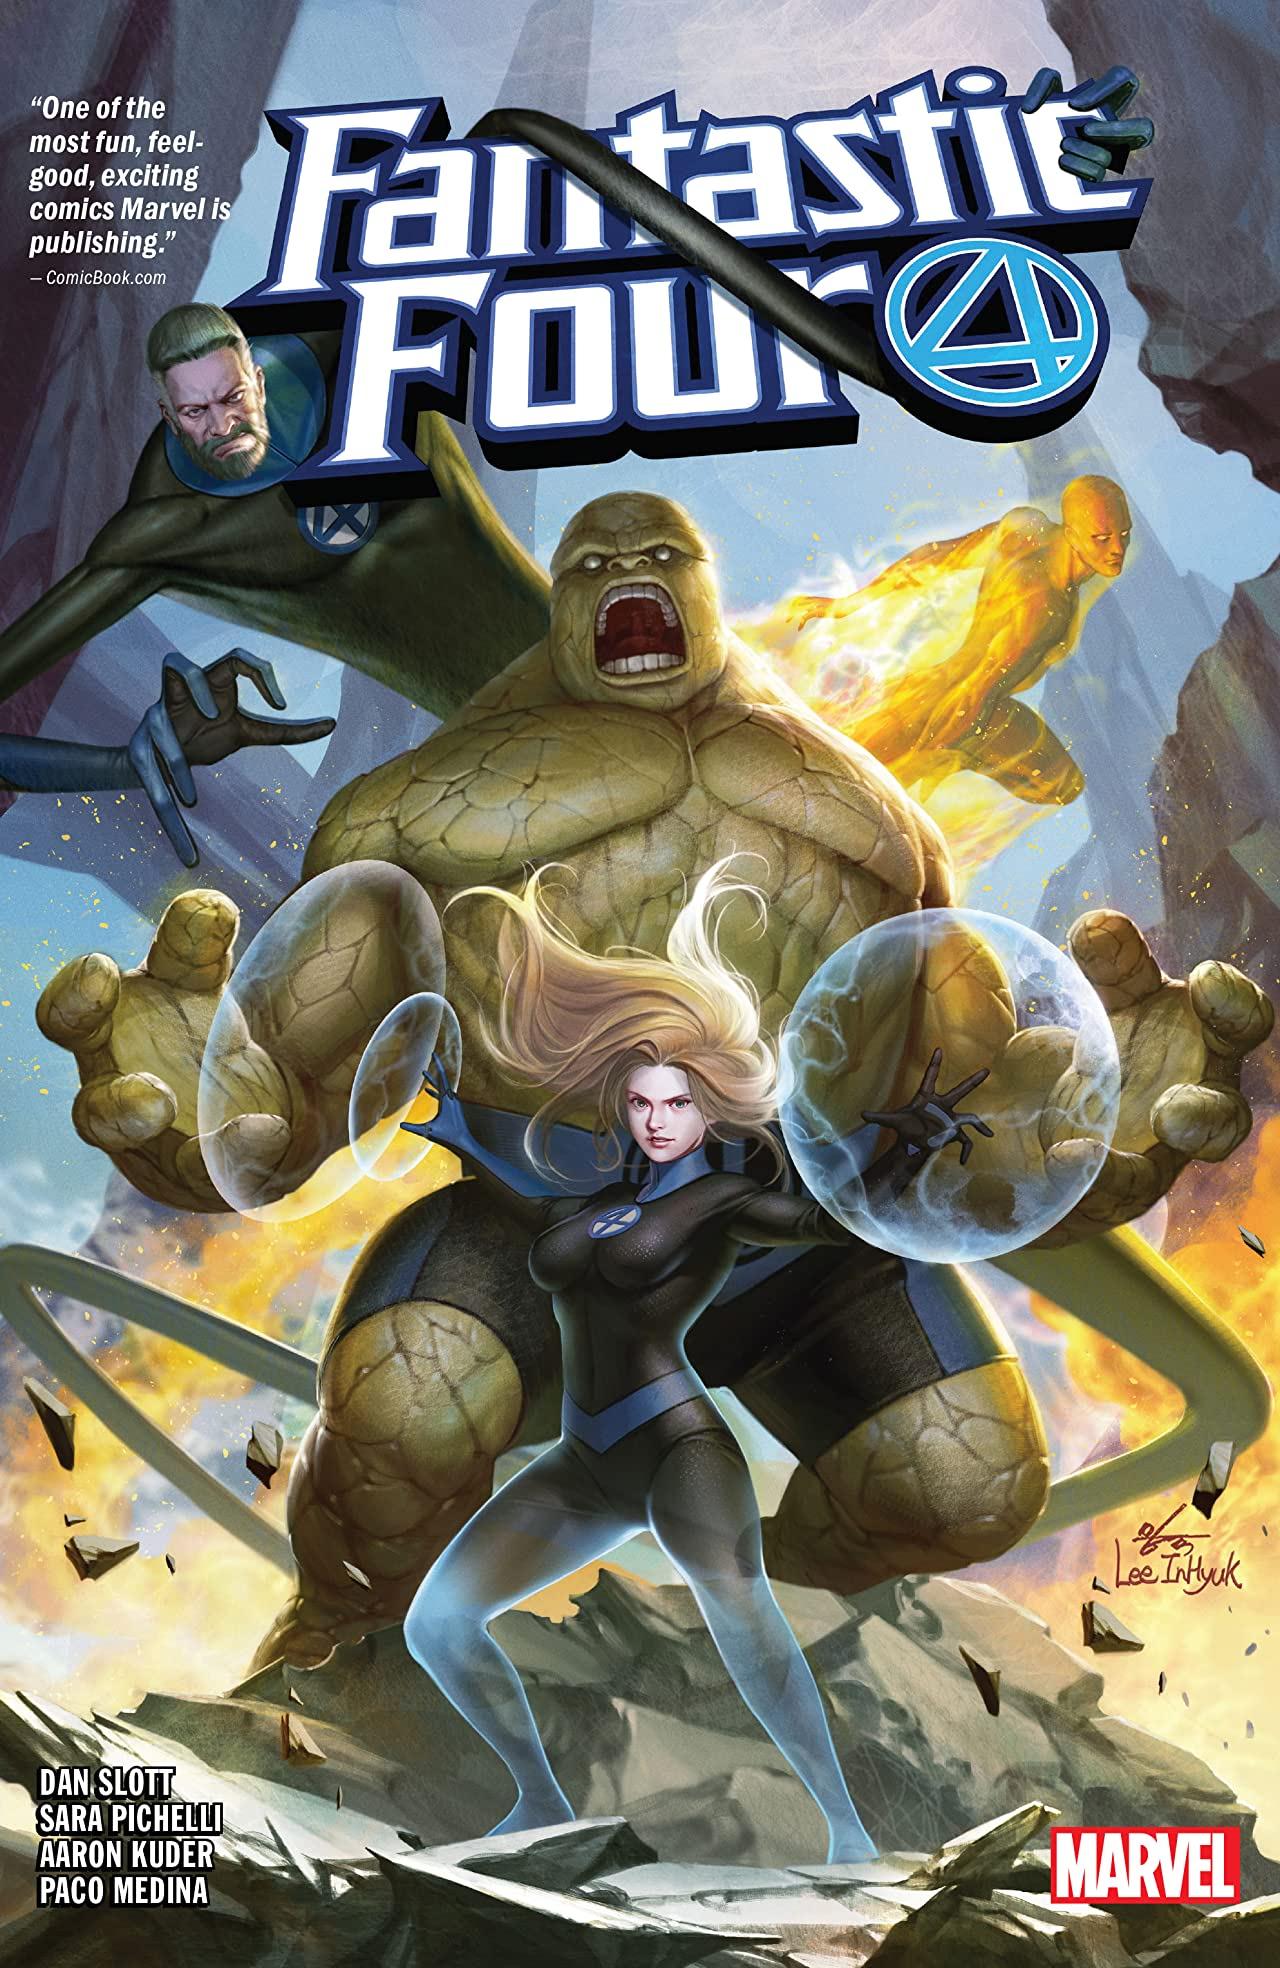 Fantastic Four by Dan Slott Vol. 1 (Hardcover)